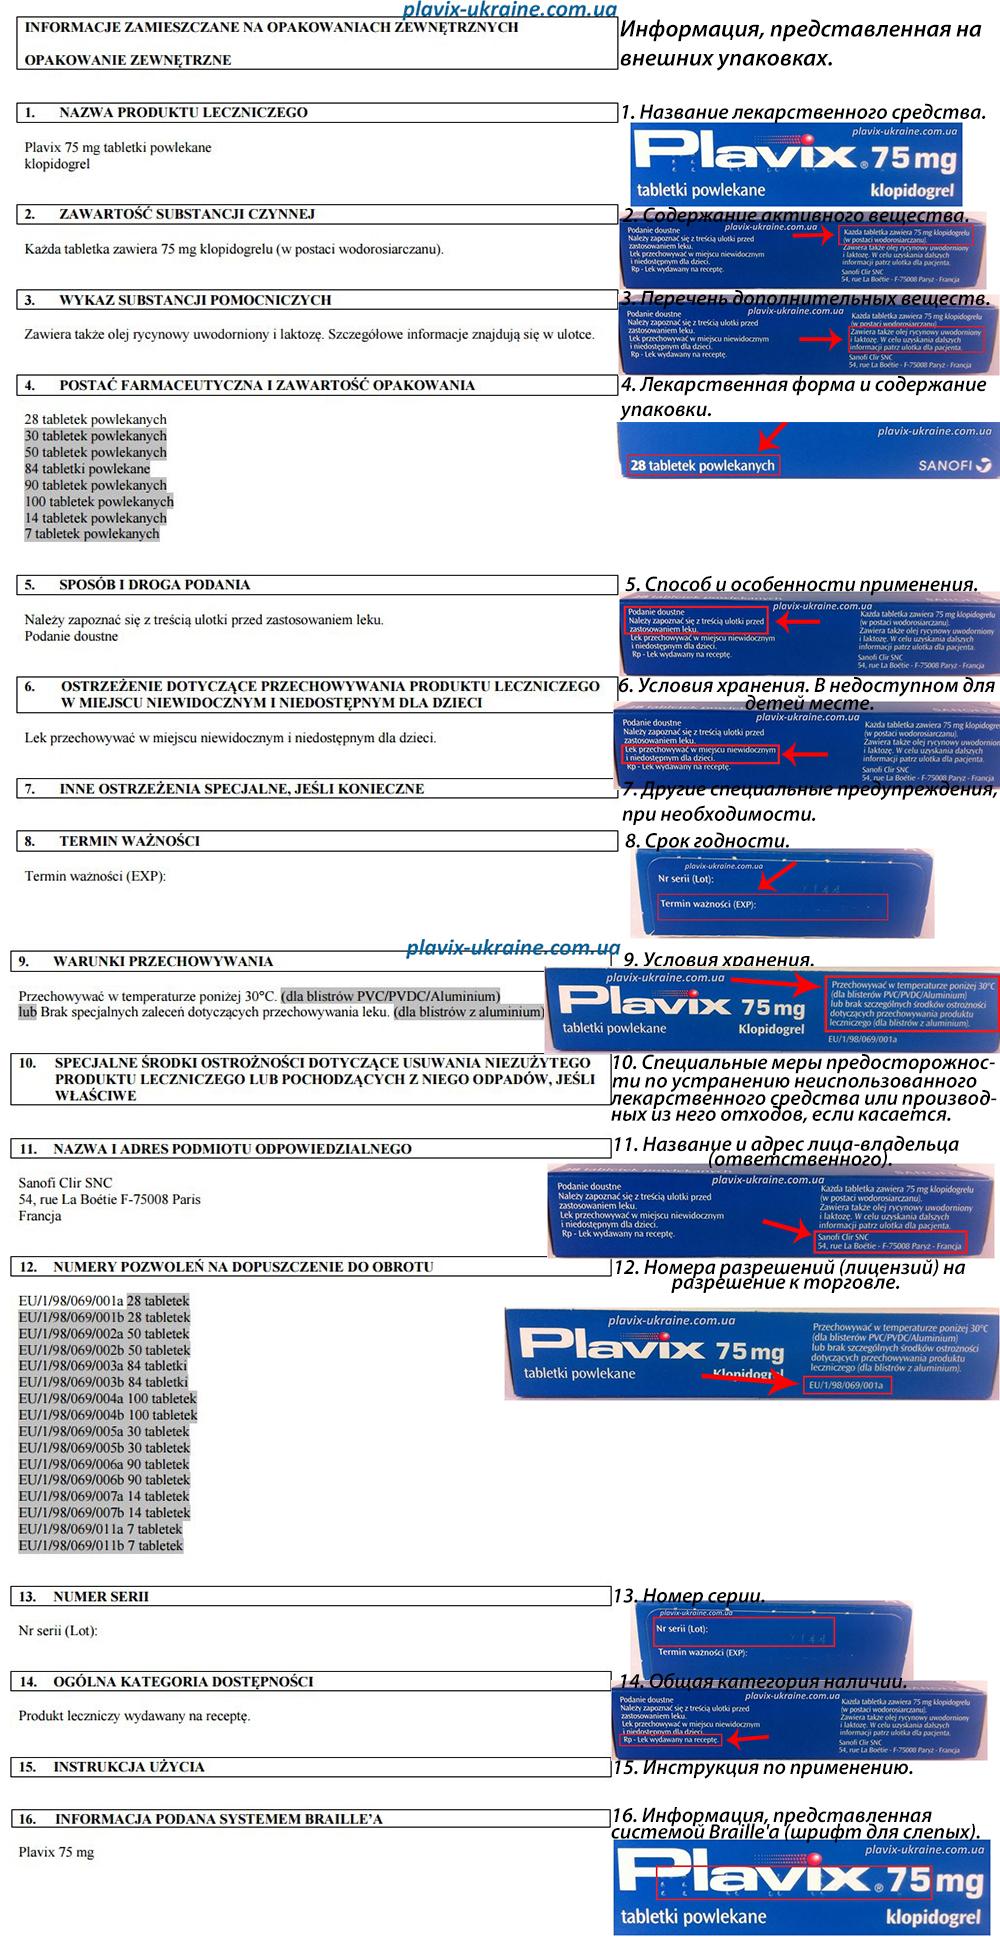 plavix-podrobnaya-informaciya-na-upakovke